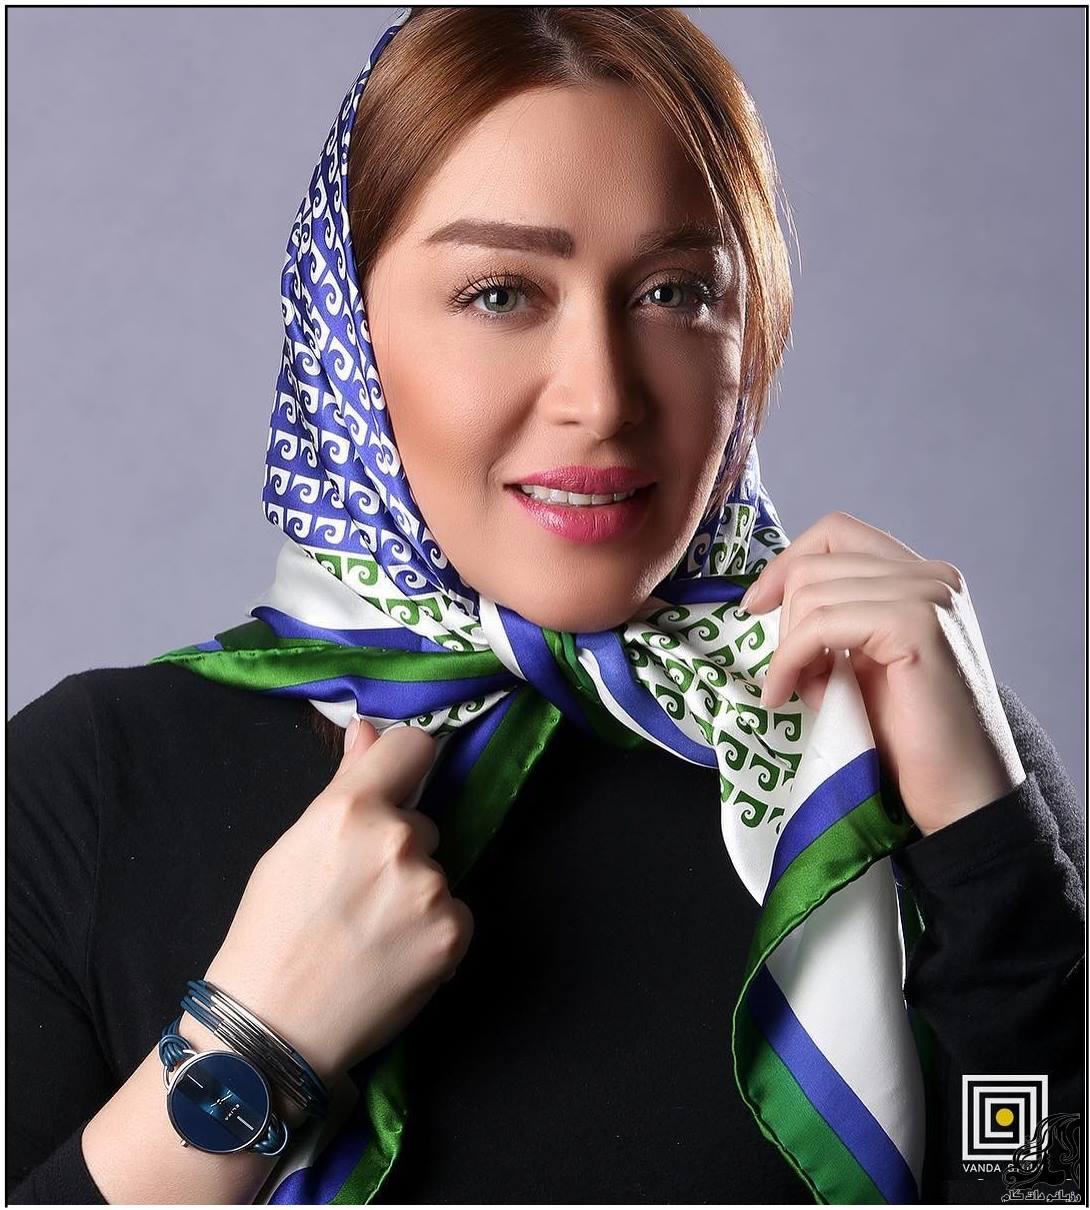 تصاویر جدید و جذاب سارا منجزی پور